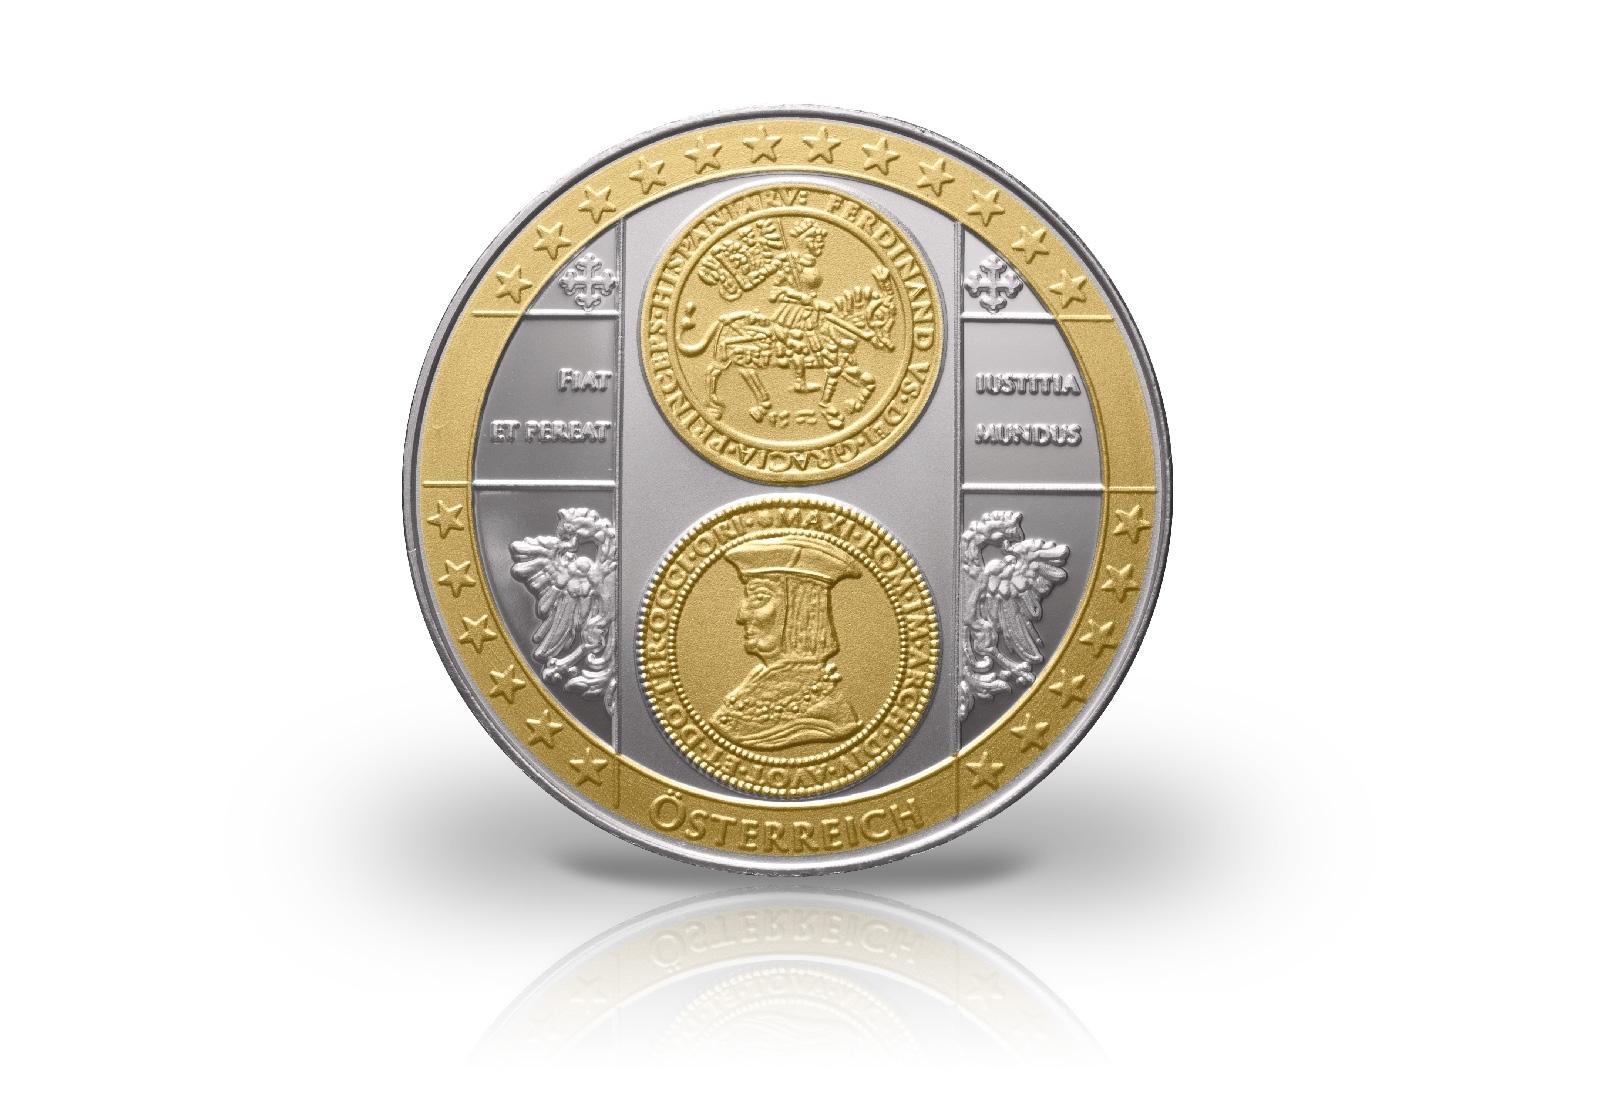 Erstabschlag Mit 24 Karat Goldauflage Mit Motiv österreich 10